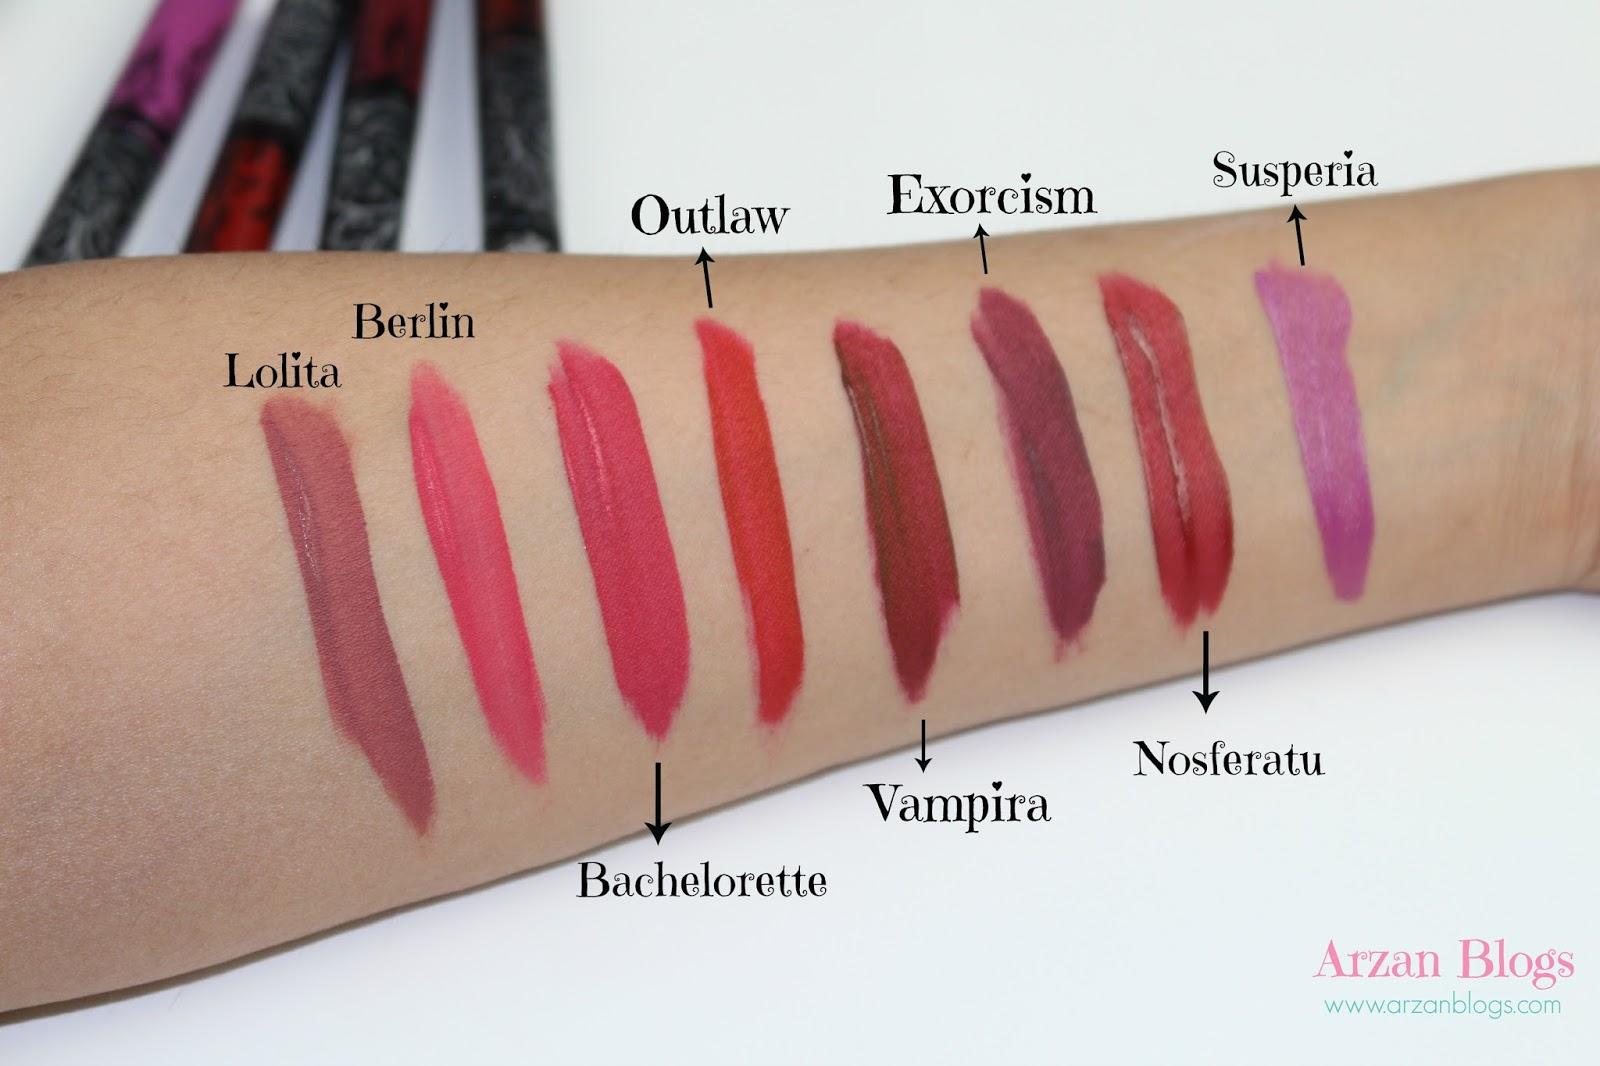 Beauty kat von d everlasting liquid lipsticks 3 new shades swatches